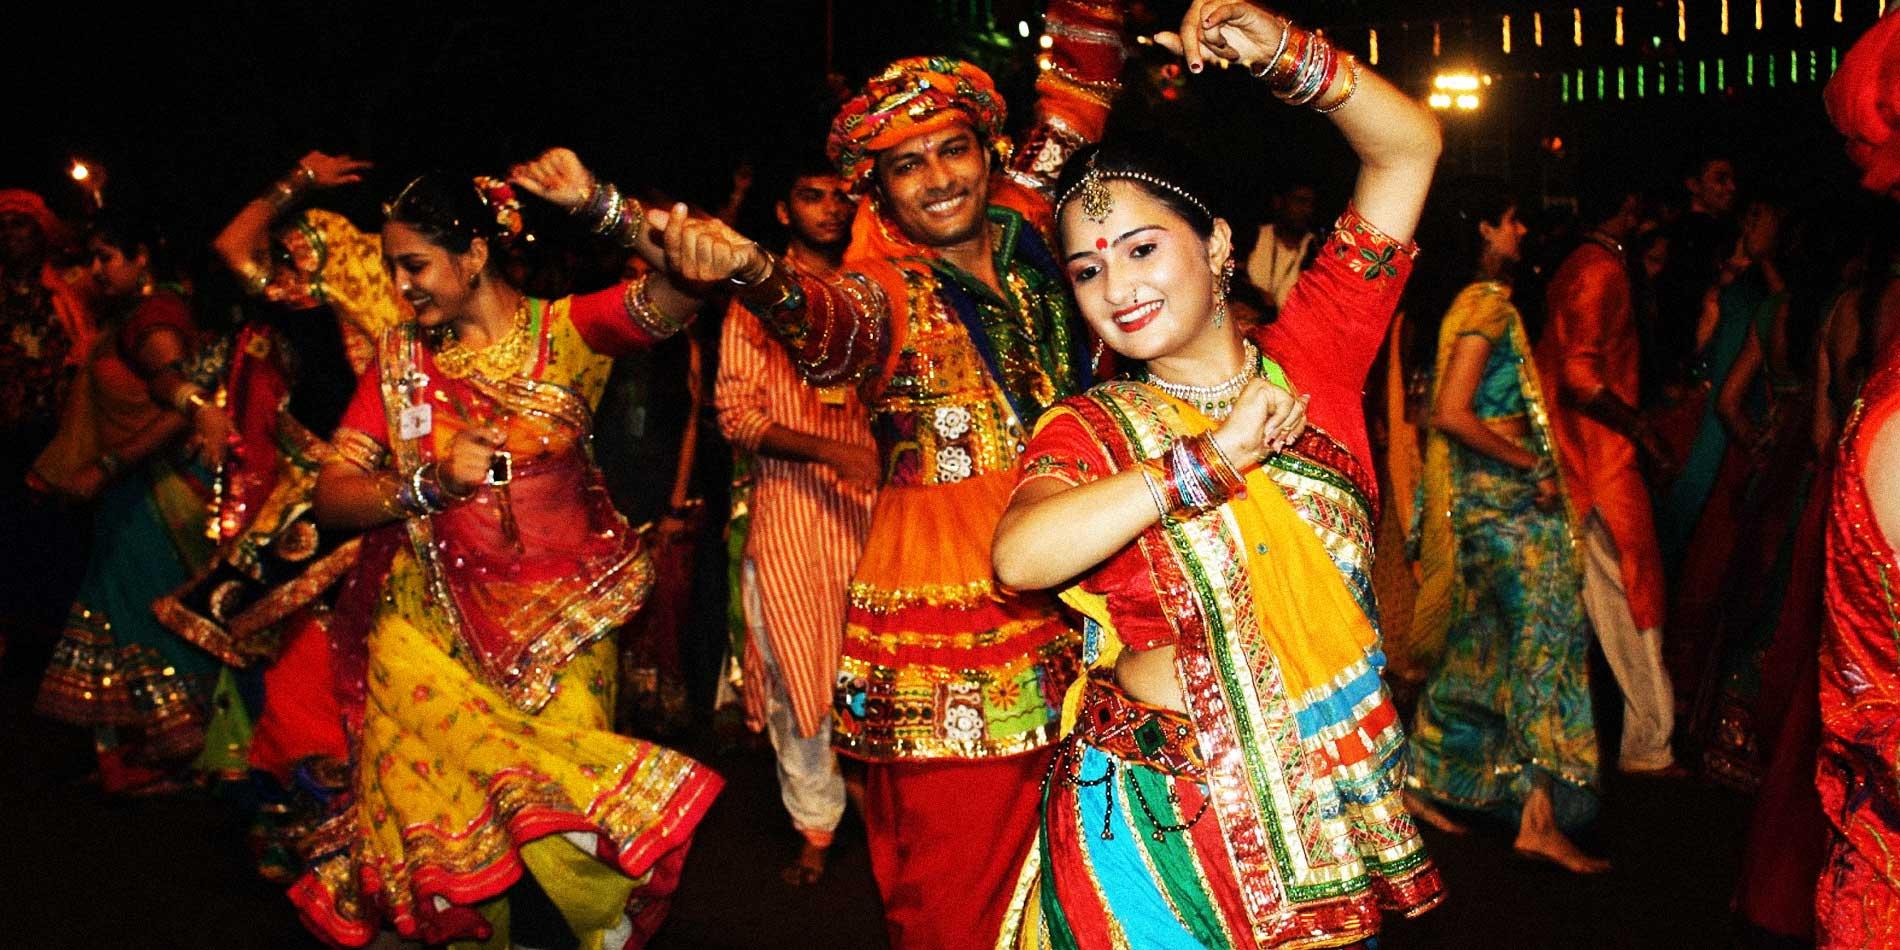 people look beautiful in chaniya choli and kurta in navratri